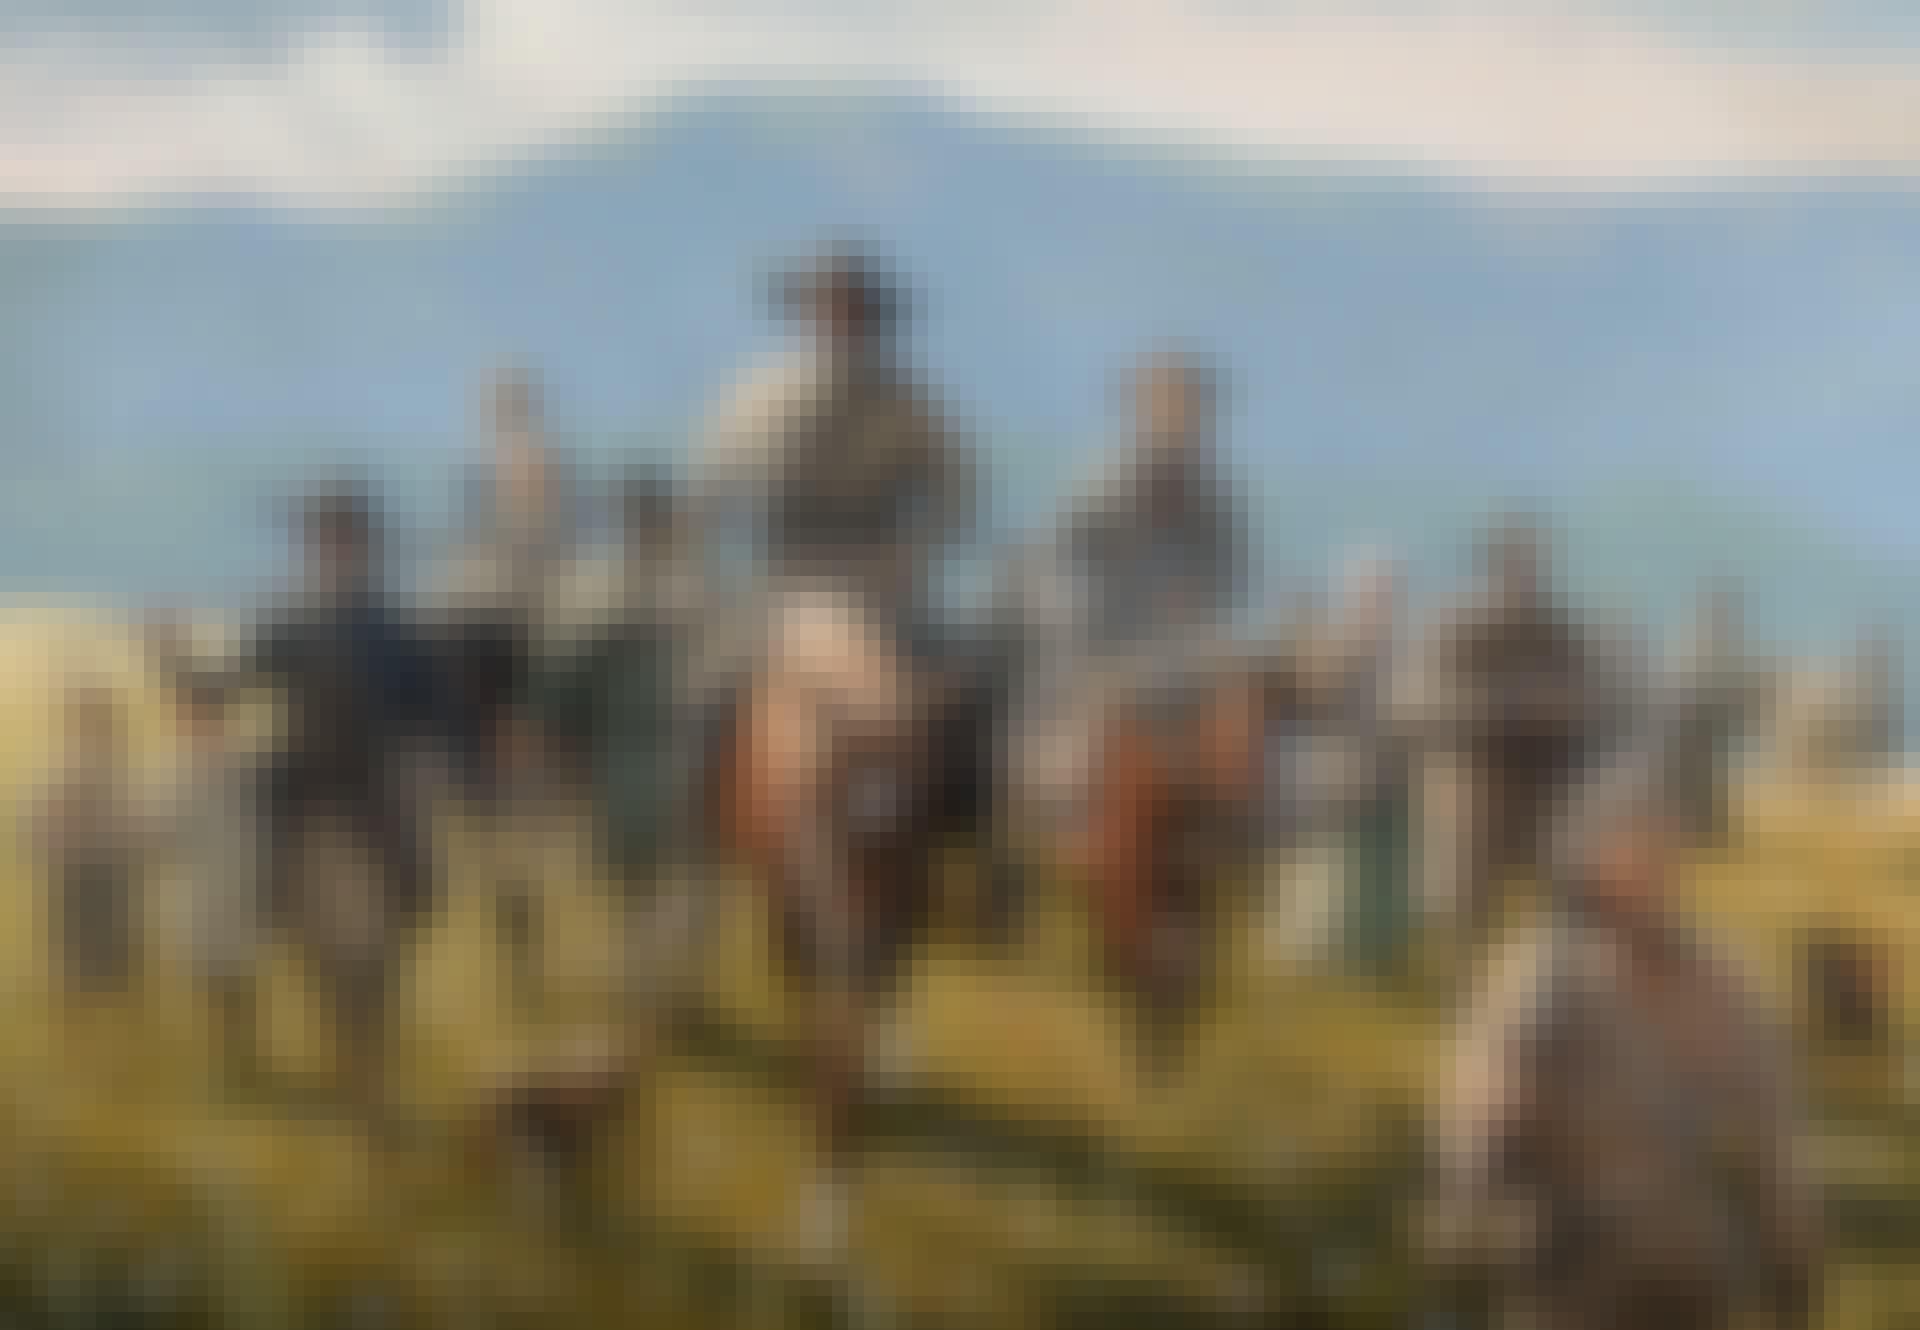 Indianere, Daniel Boone, frontiersmen